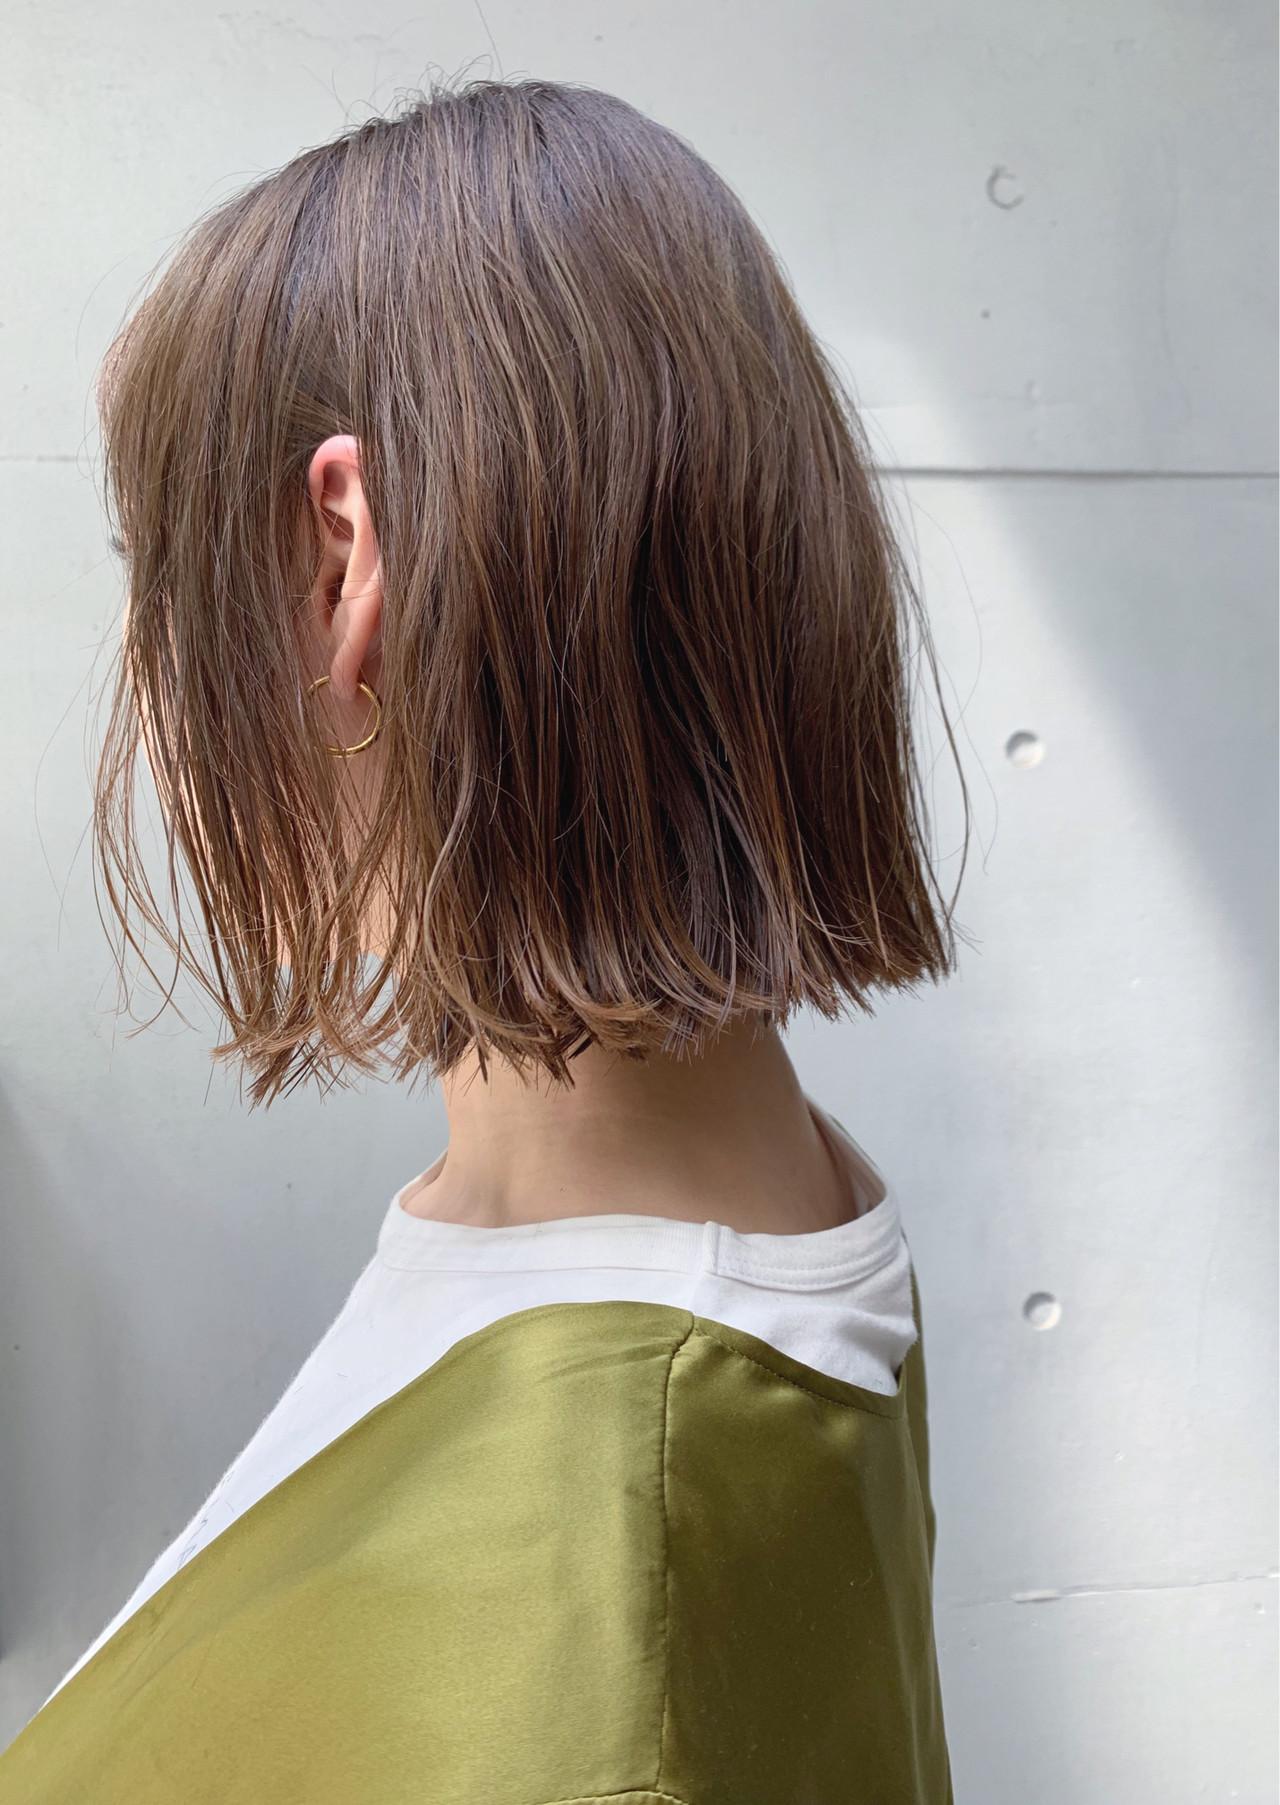 ボブ 簡単ヘアアレンジ パーマ デート ヘアスタイルや髪型の写真・画像